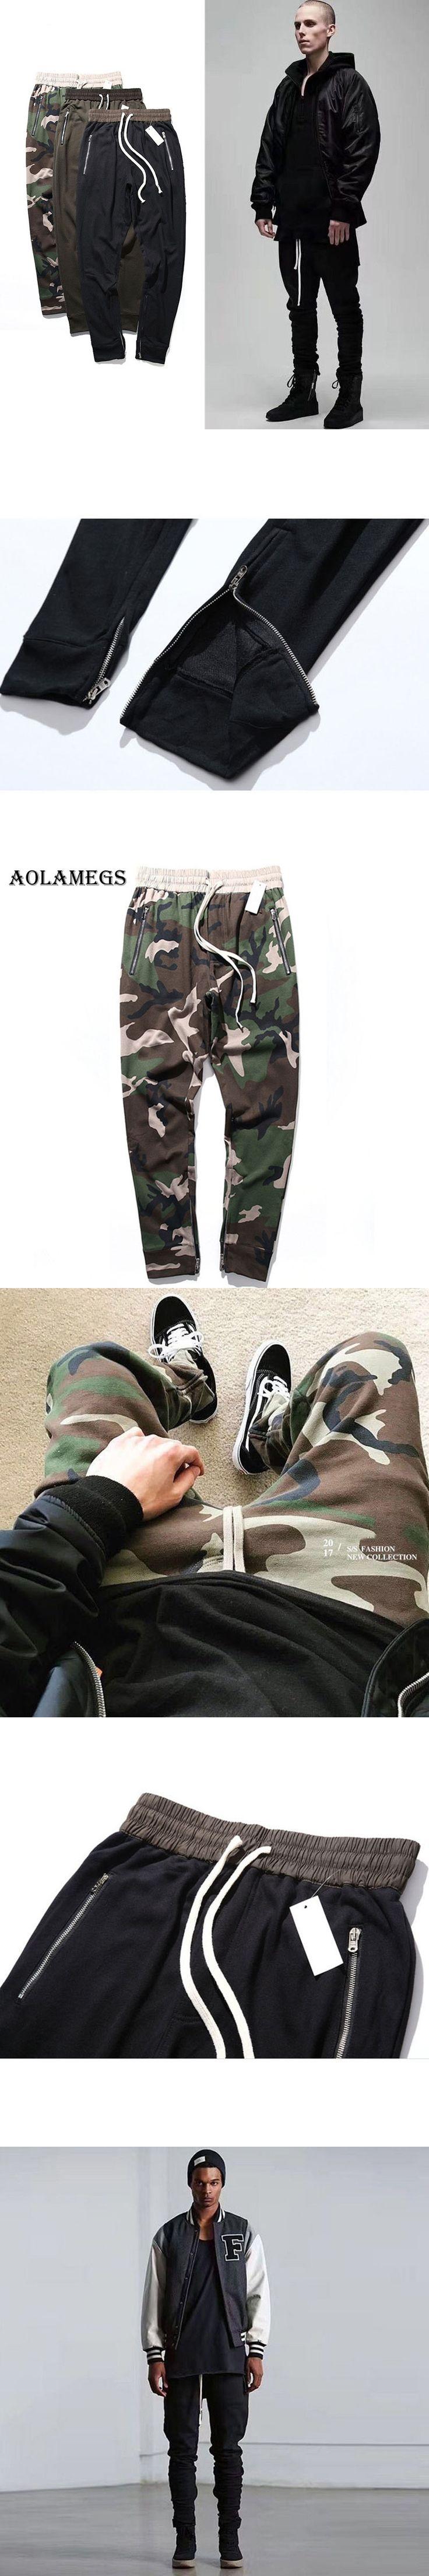 Aolamegs Pants Men Retro Side Zipper Military Pants Cotton Trousers Pants Mens Elastic Waist Couple Fashion Joggers Sweatpants